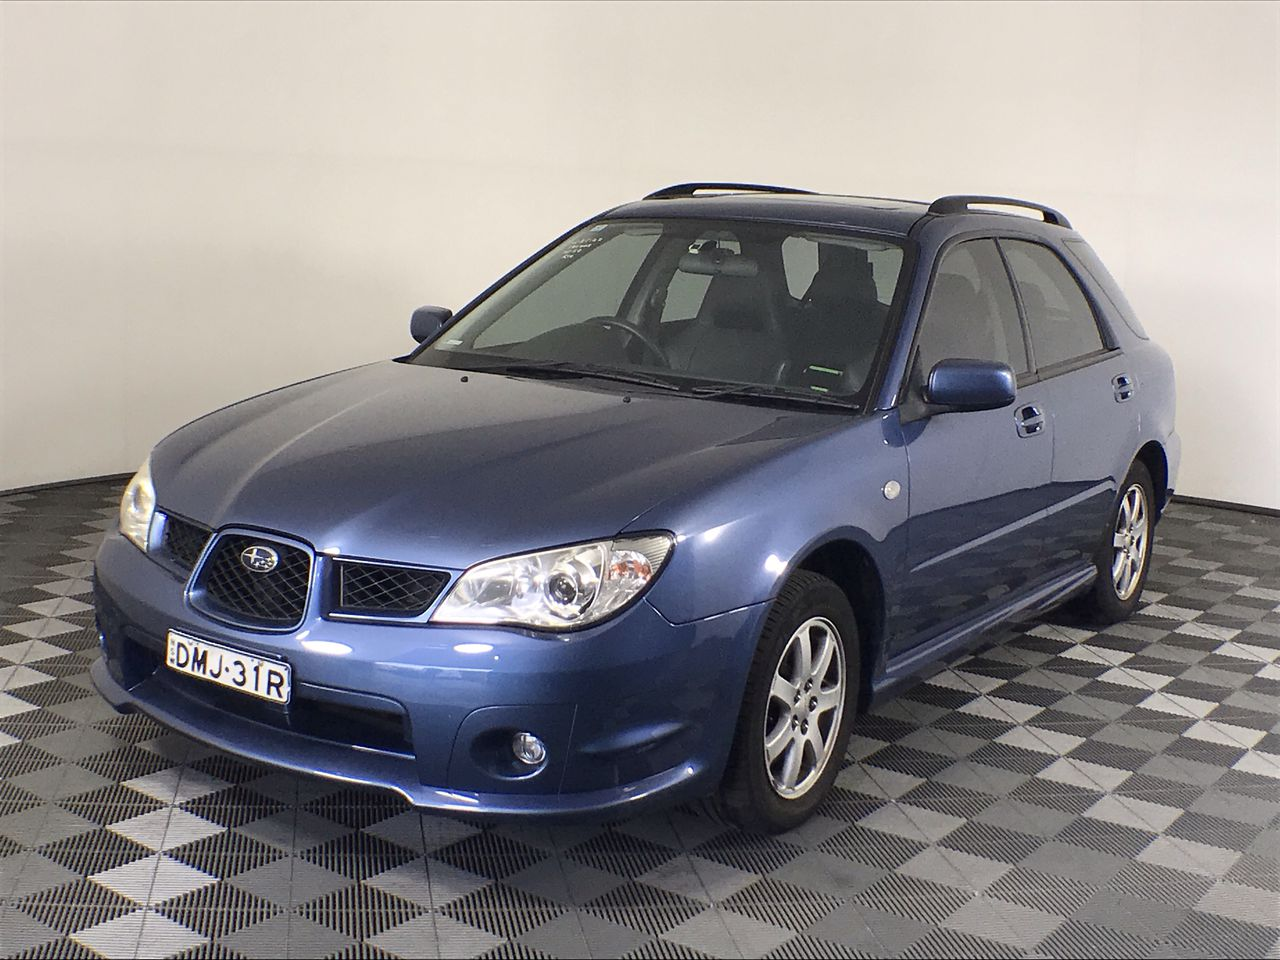 2007 Subaru Impreza 2.0i (AWD) G2 Automatic Hatch 116,838km